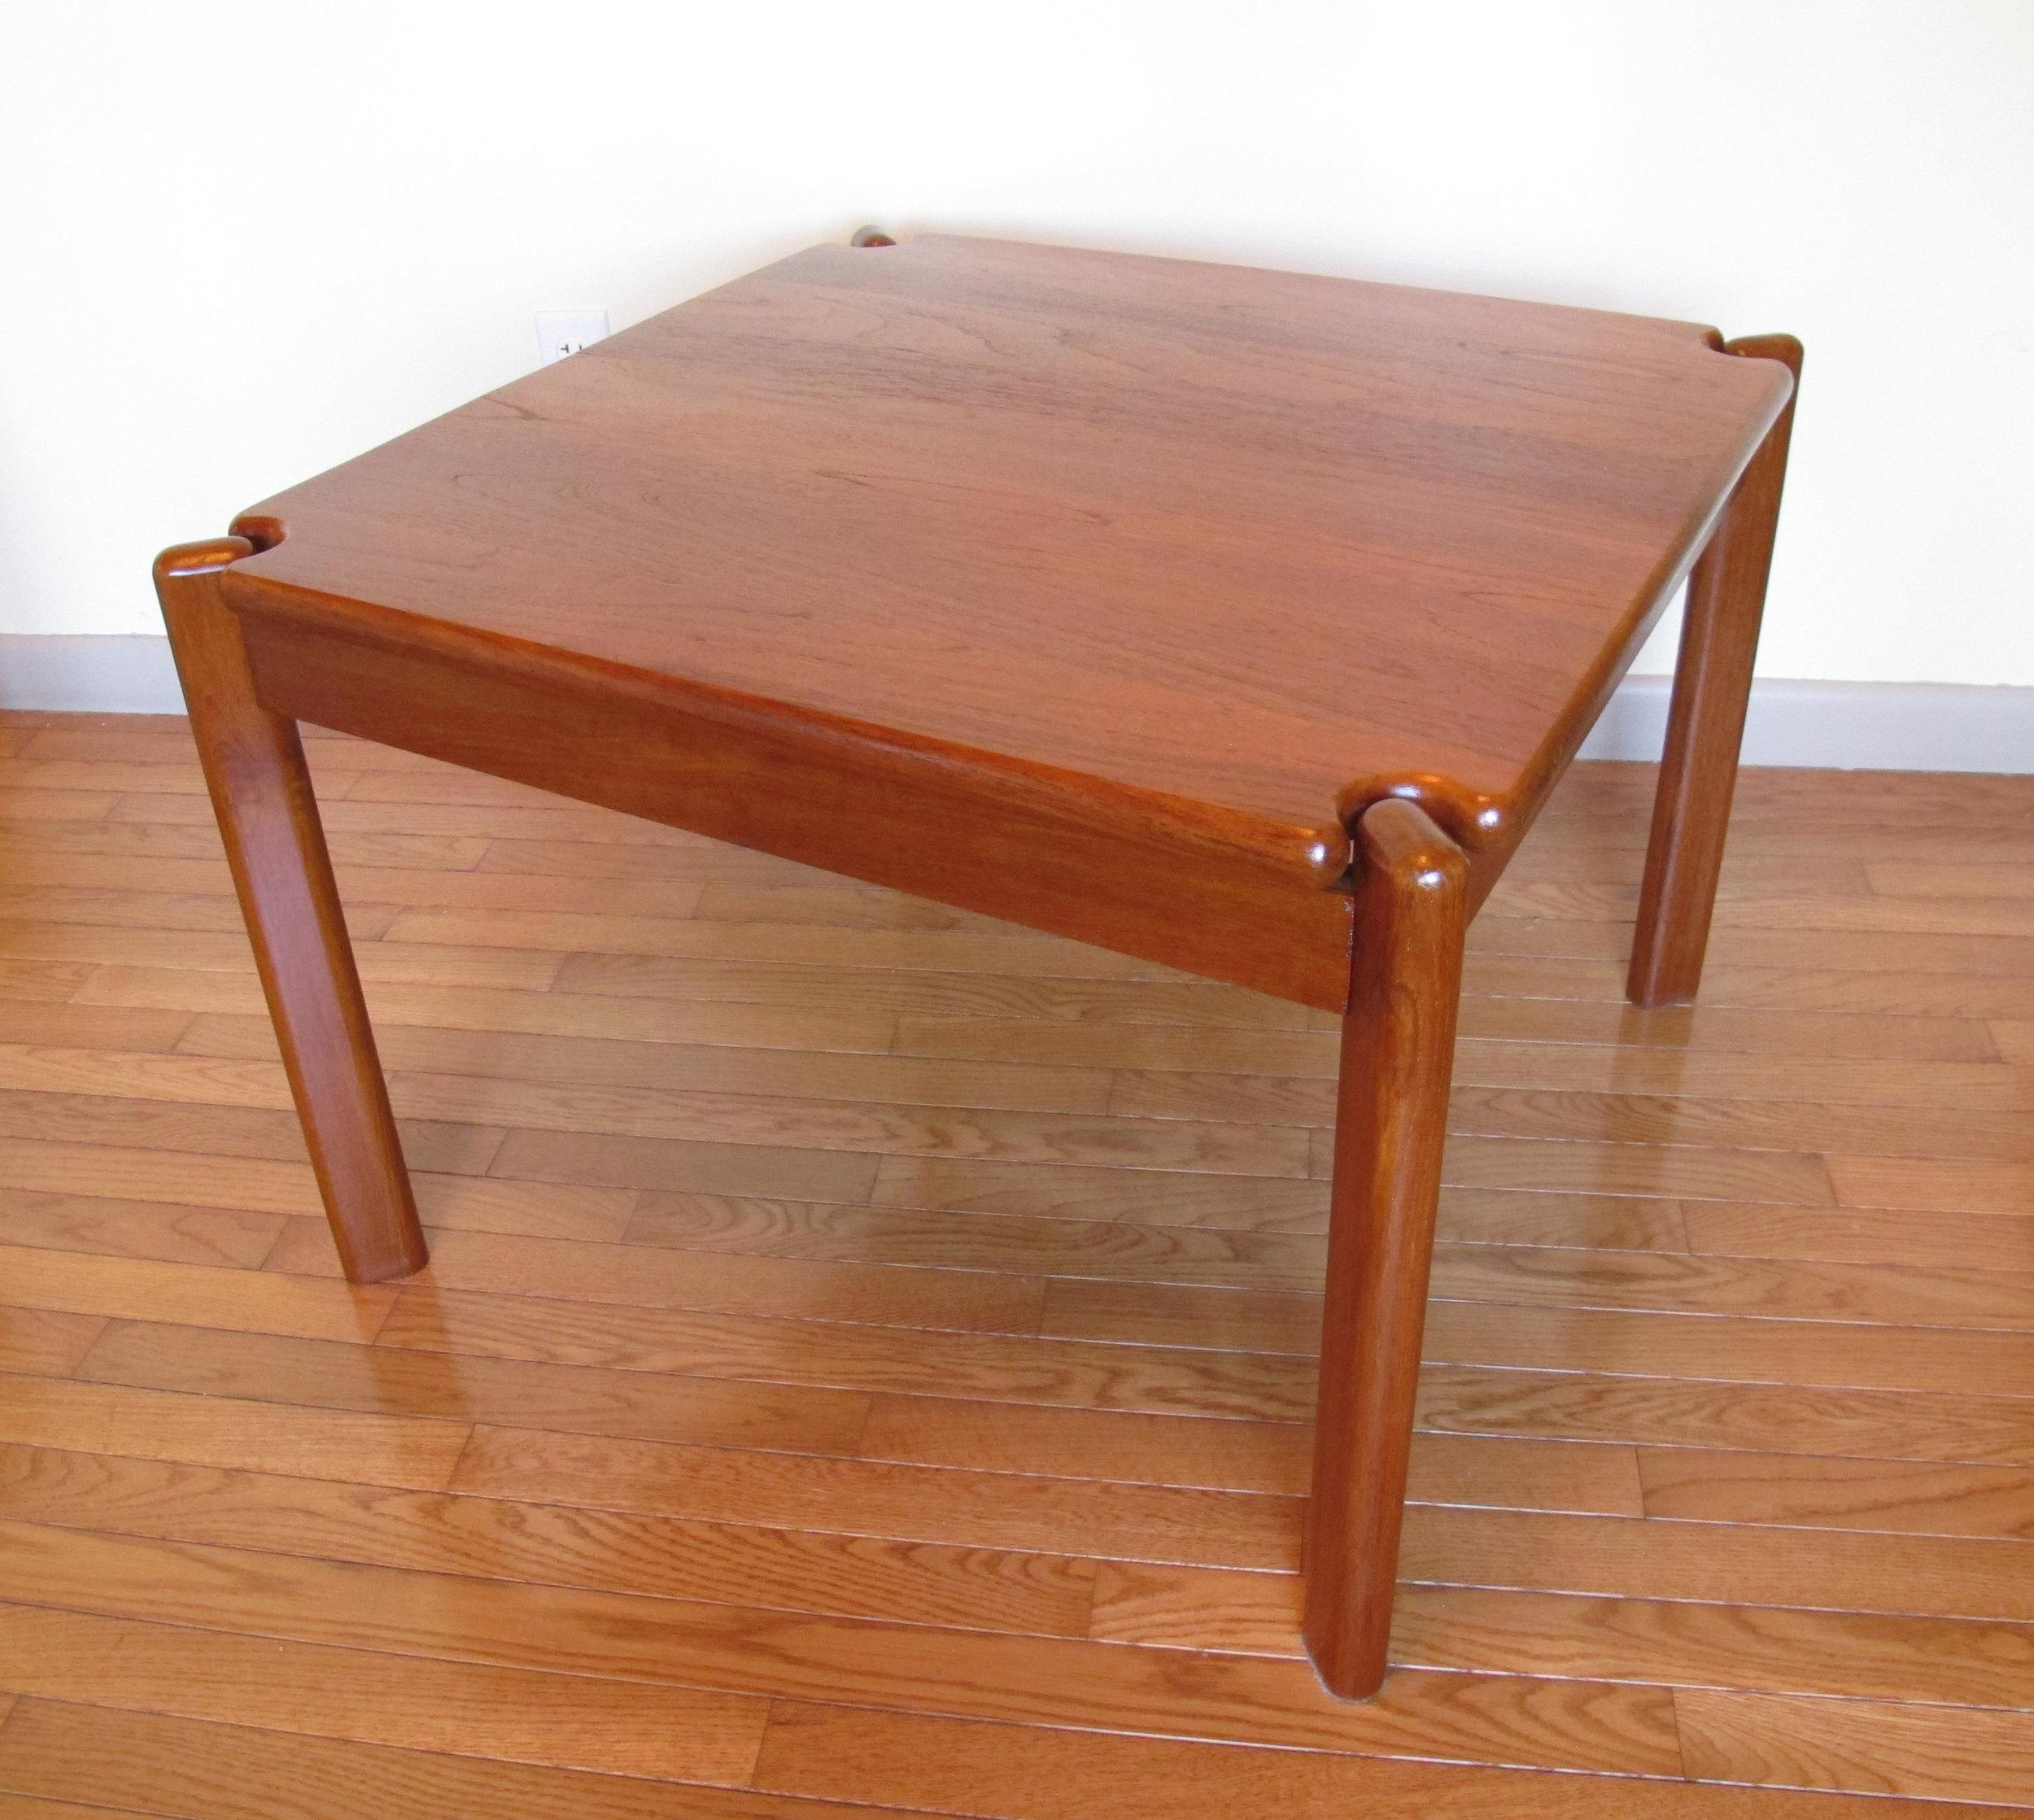 DANISH MODERN TEAK SIDE TABLE BY TARM STOLE